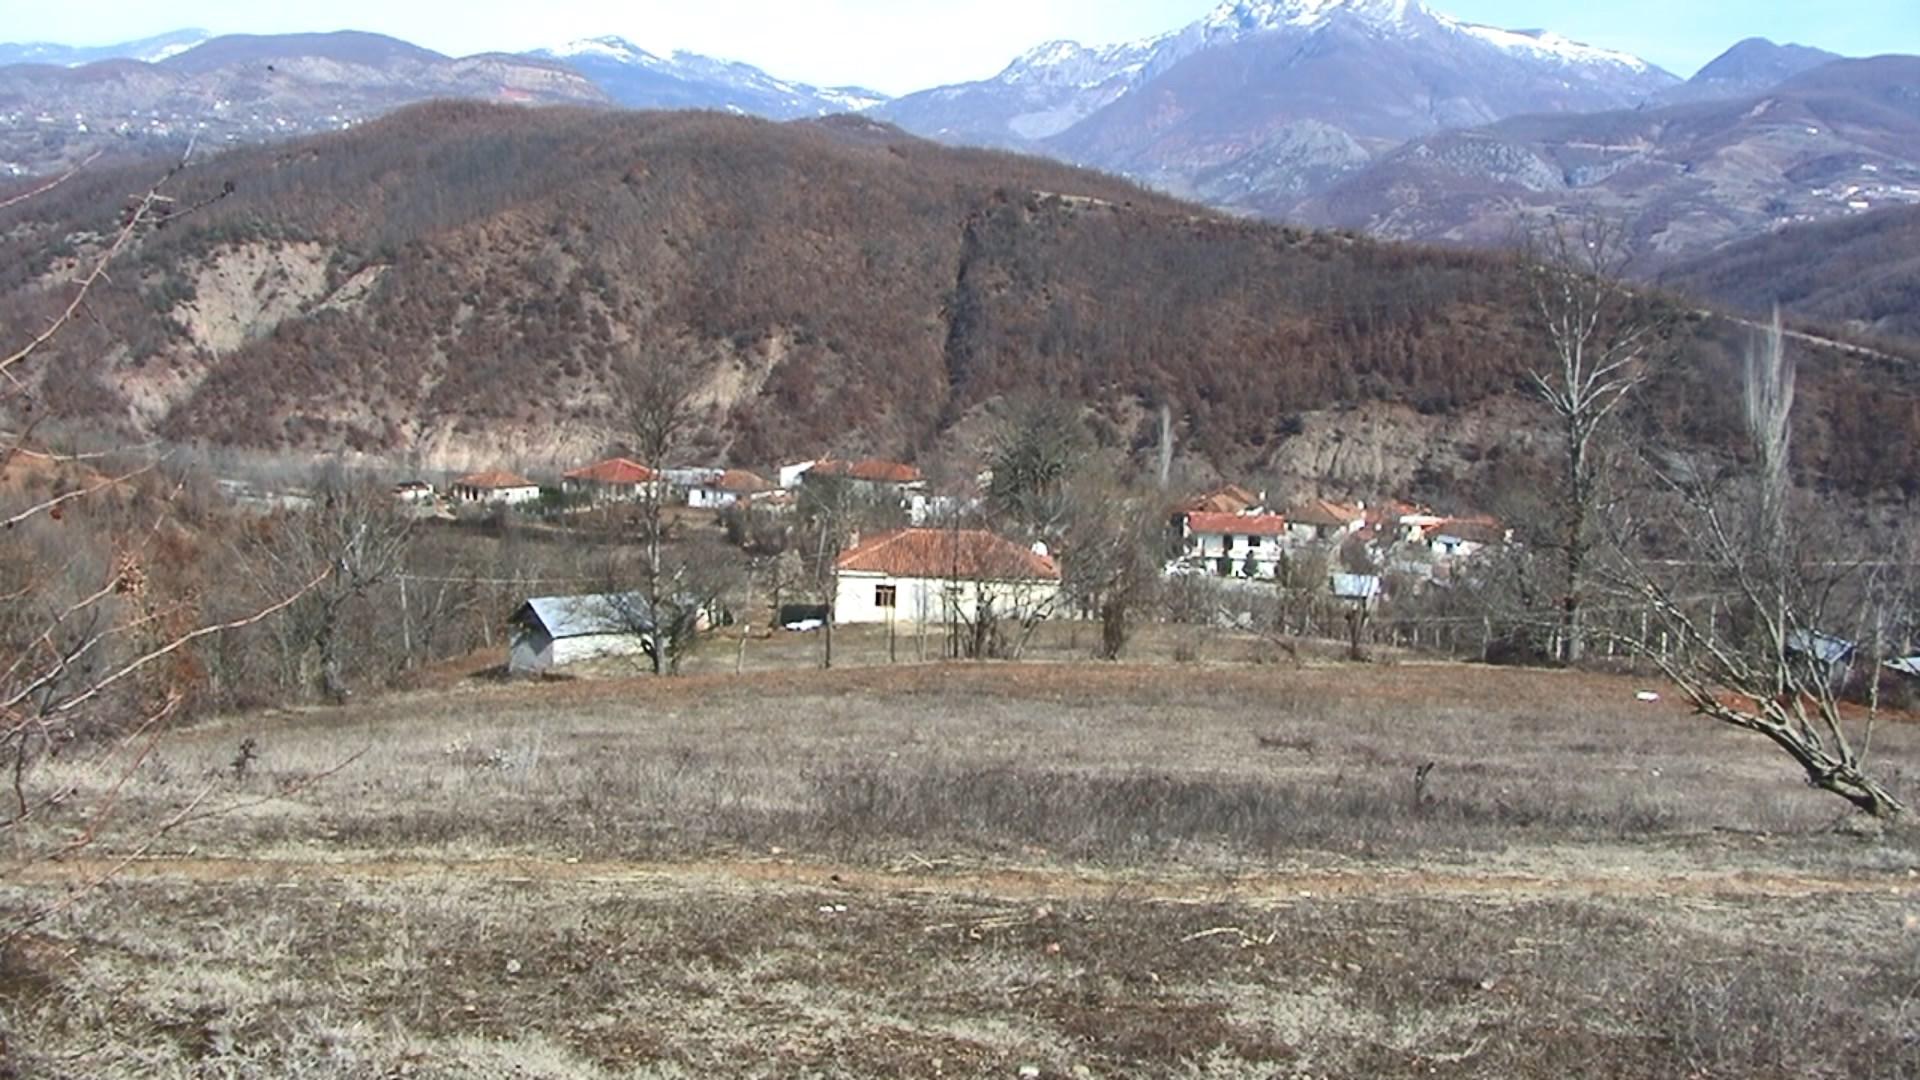 Kuturmani dikur një fshat me 300 shtëpi, sot i braktisur